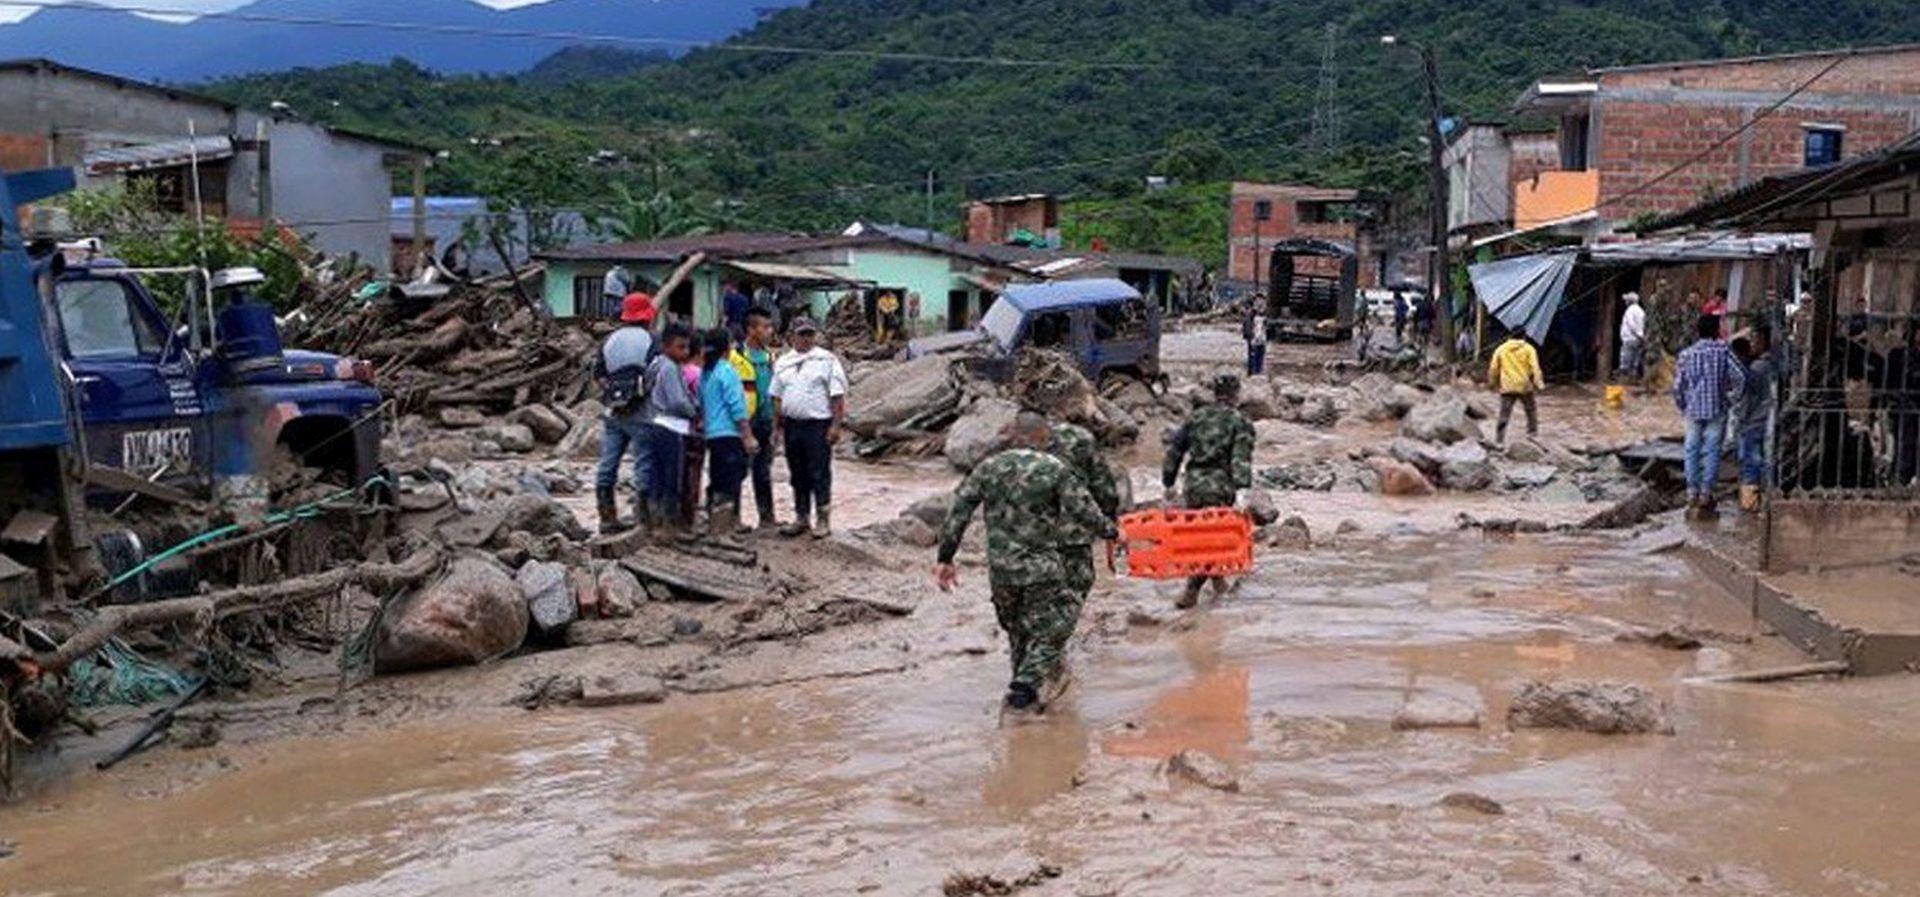 U bujici blata u Kolumbiji poginulo 112 ljudi, preko 100 ozlijeđenih